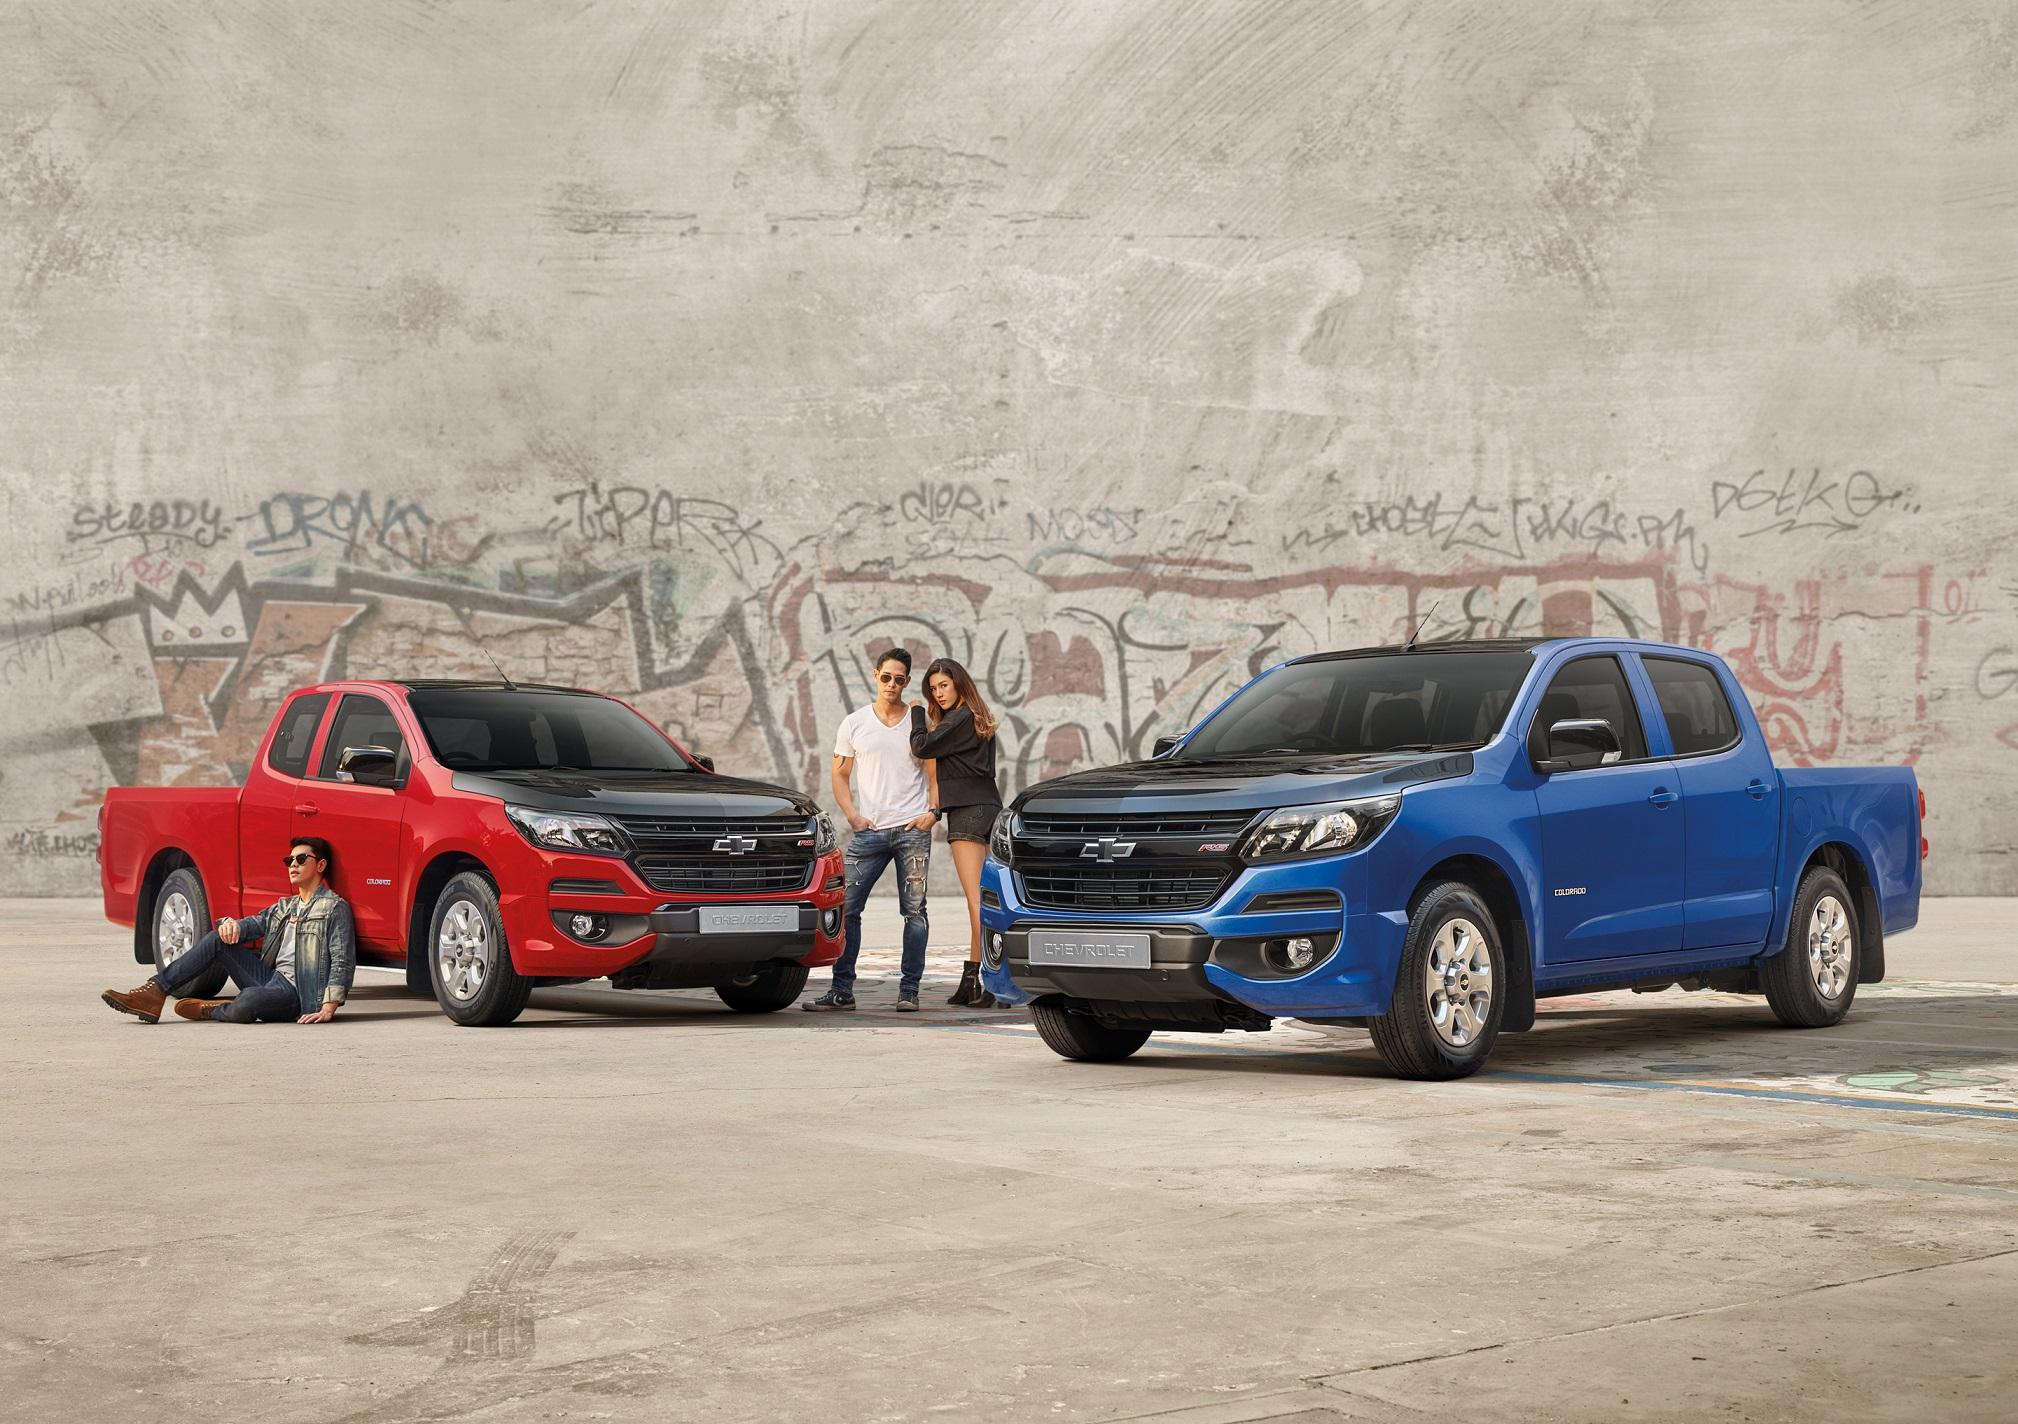 """เชฟโรเลต เปิดตัว """"โคโลราโด อาร์เอส อีดิชั่น""""  รถกระบะสำหรับคนรักรถแต่ง จำกัดเเค่ 200 คัน"""